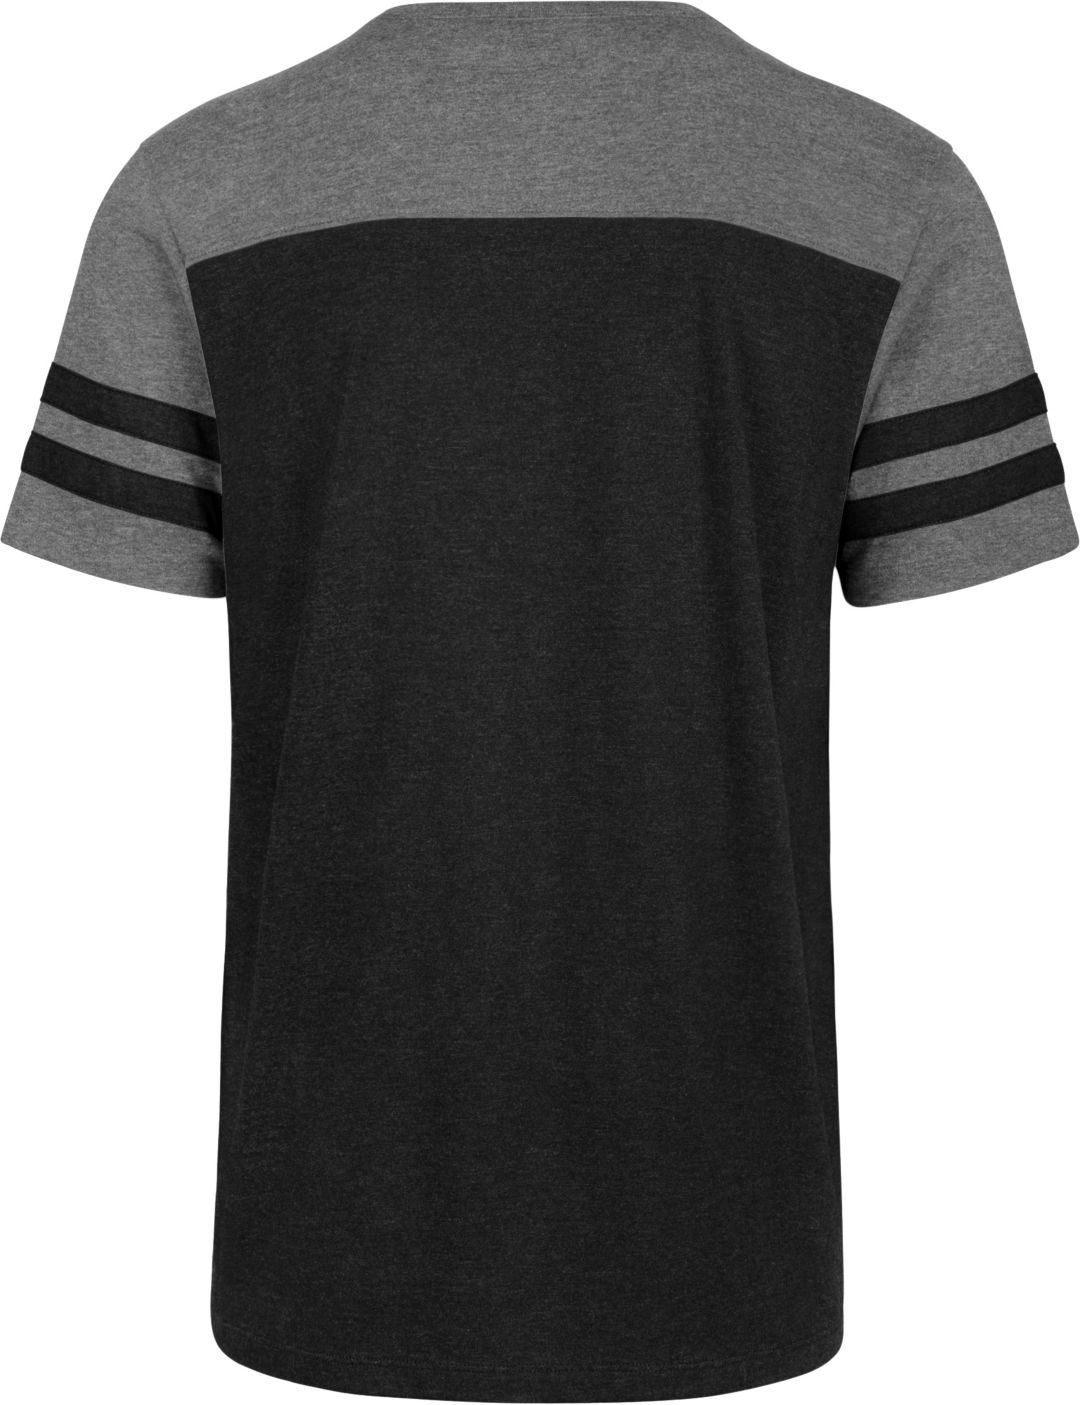 T-shirt Club Orleans '47 Versus Grey Saints New Men's